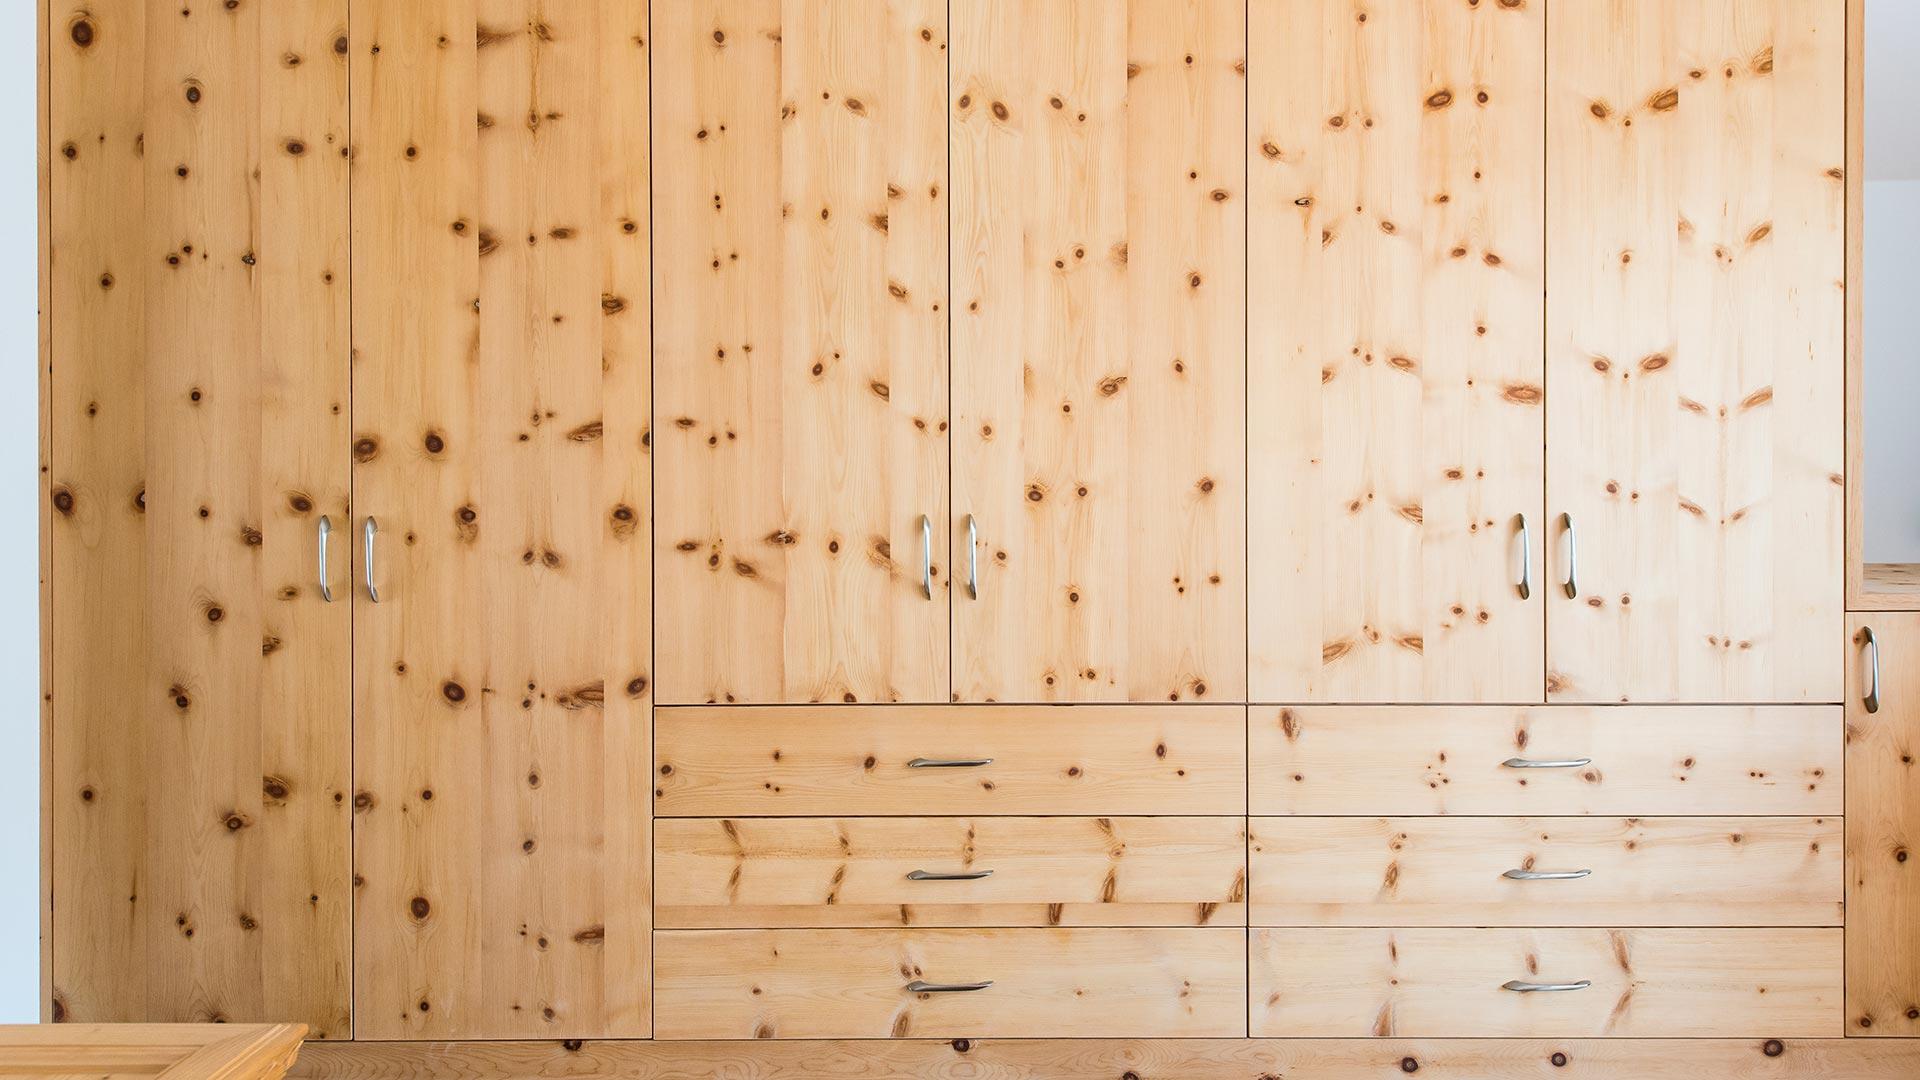 Camera Da Letto Usata In Pino : Camera da letto in pino u casamia idea di immagine